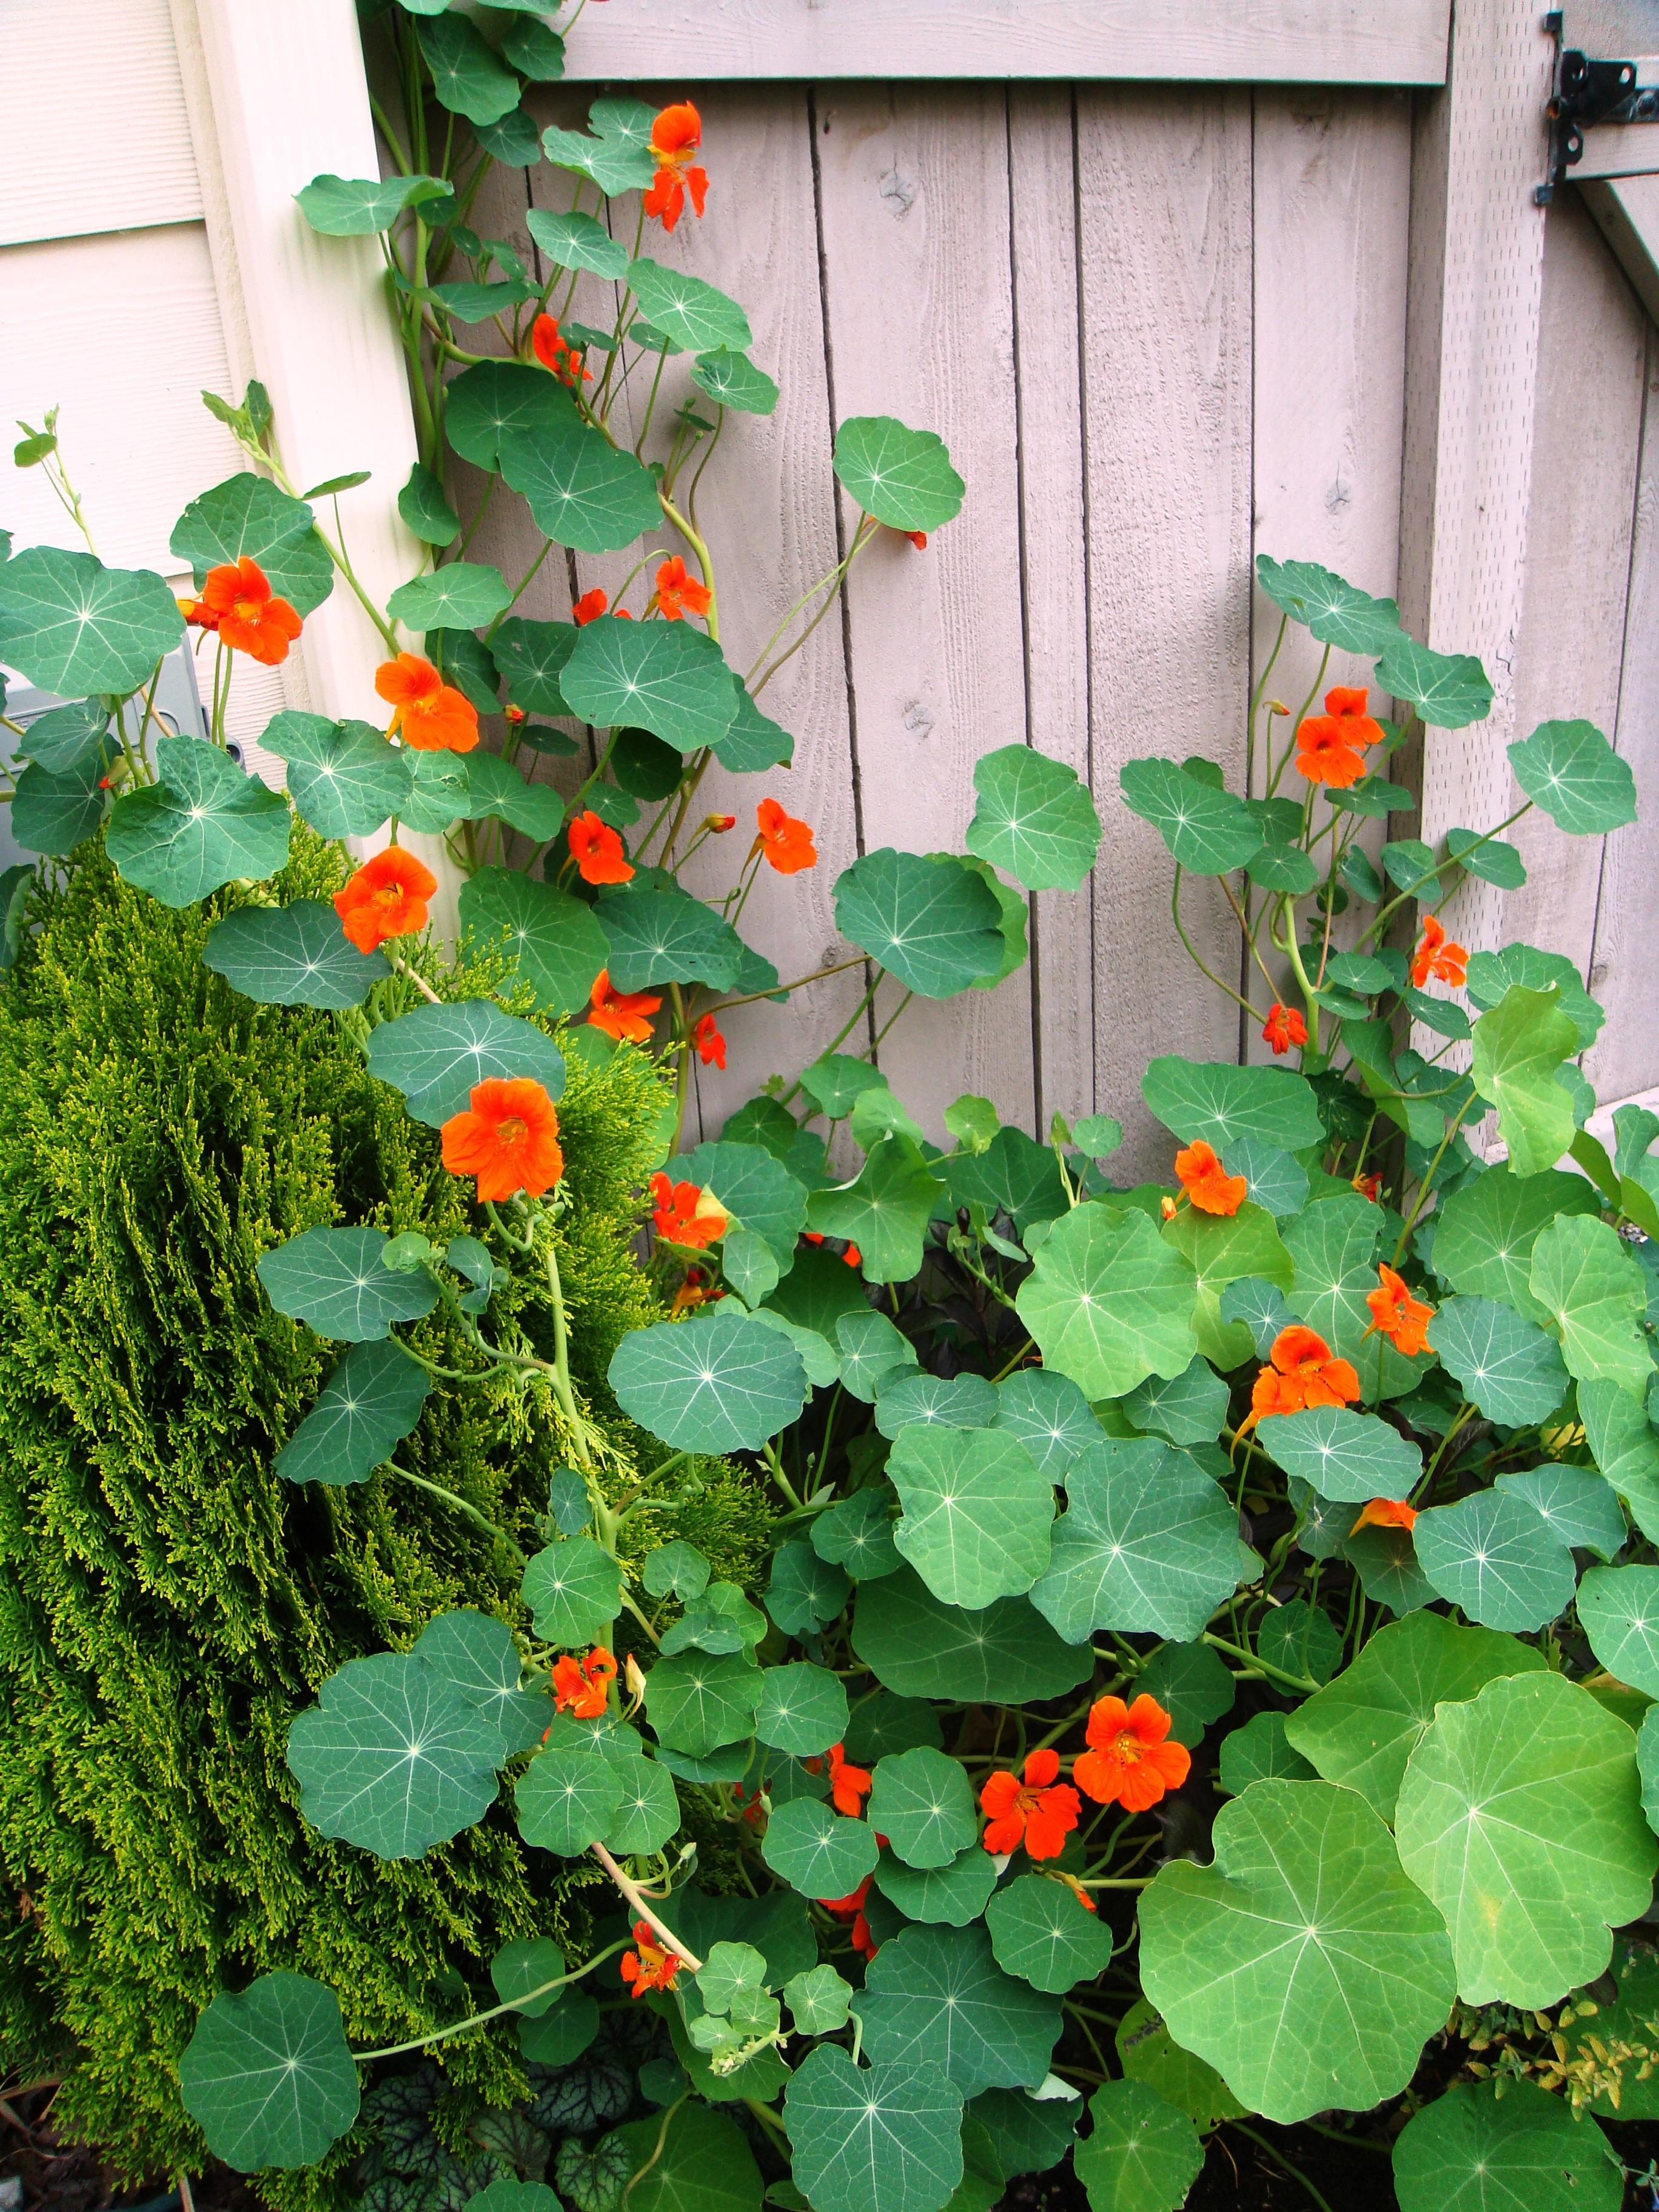 Renee S Garden Spitfire Nasturtium Update THE